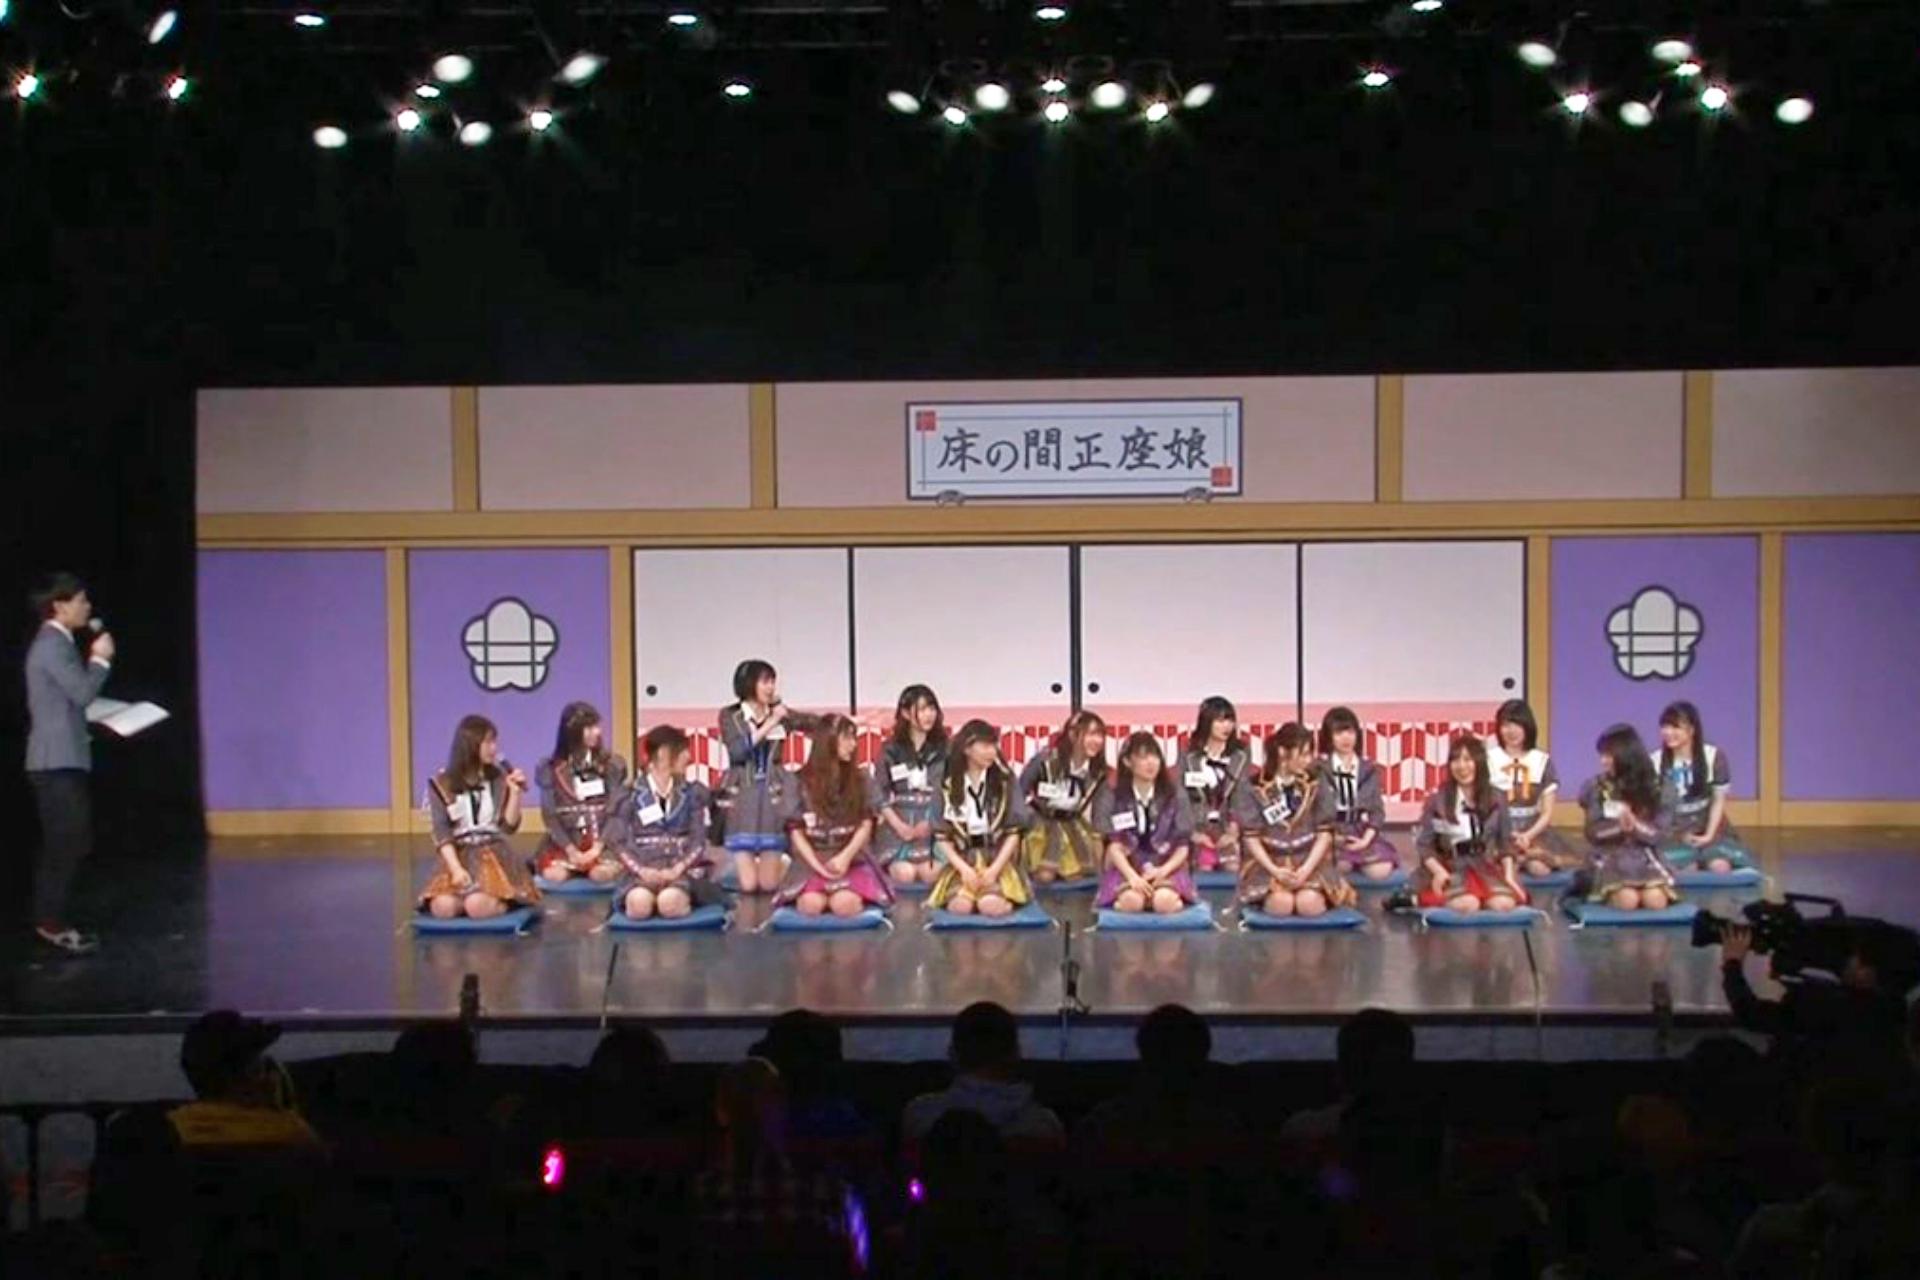 【NMB48】大阪チャンネル「難波正座祭り」第1部となんばウォーク【くじらの広場】イベントの様子など